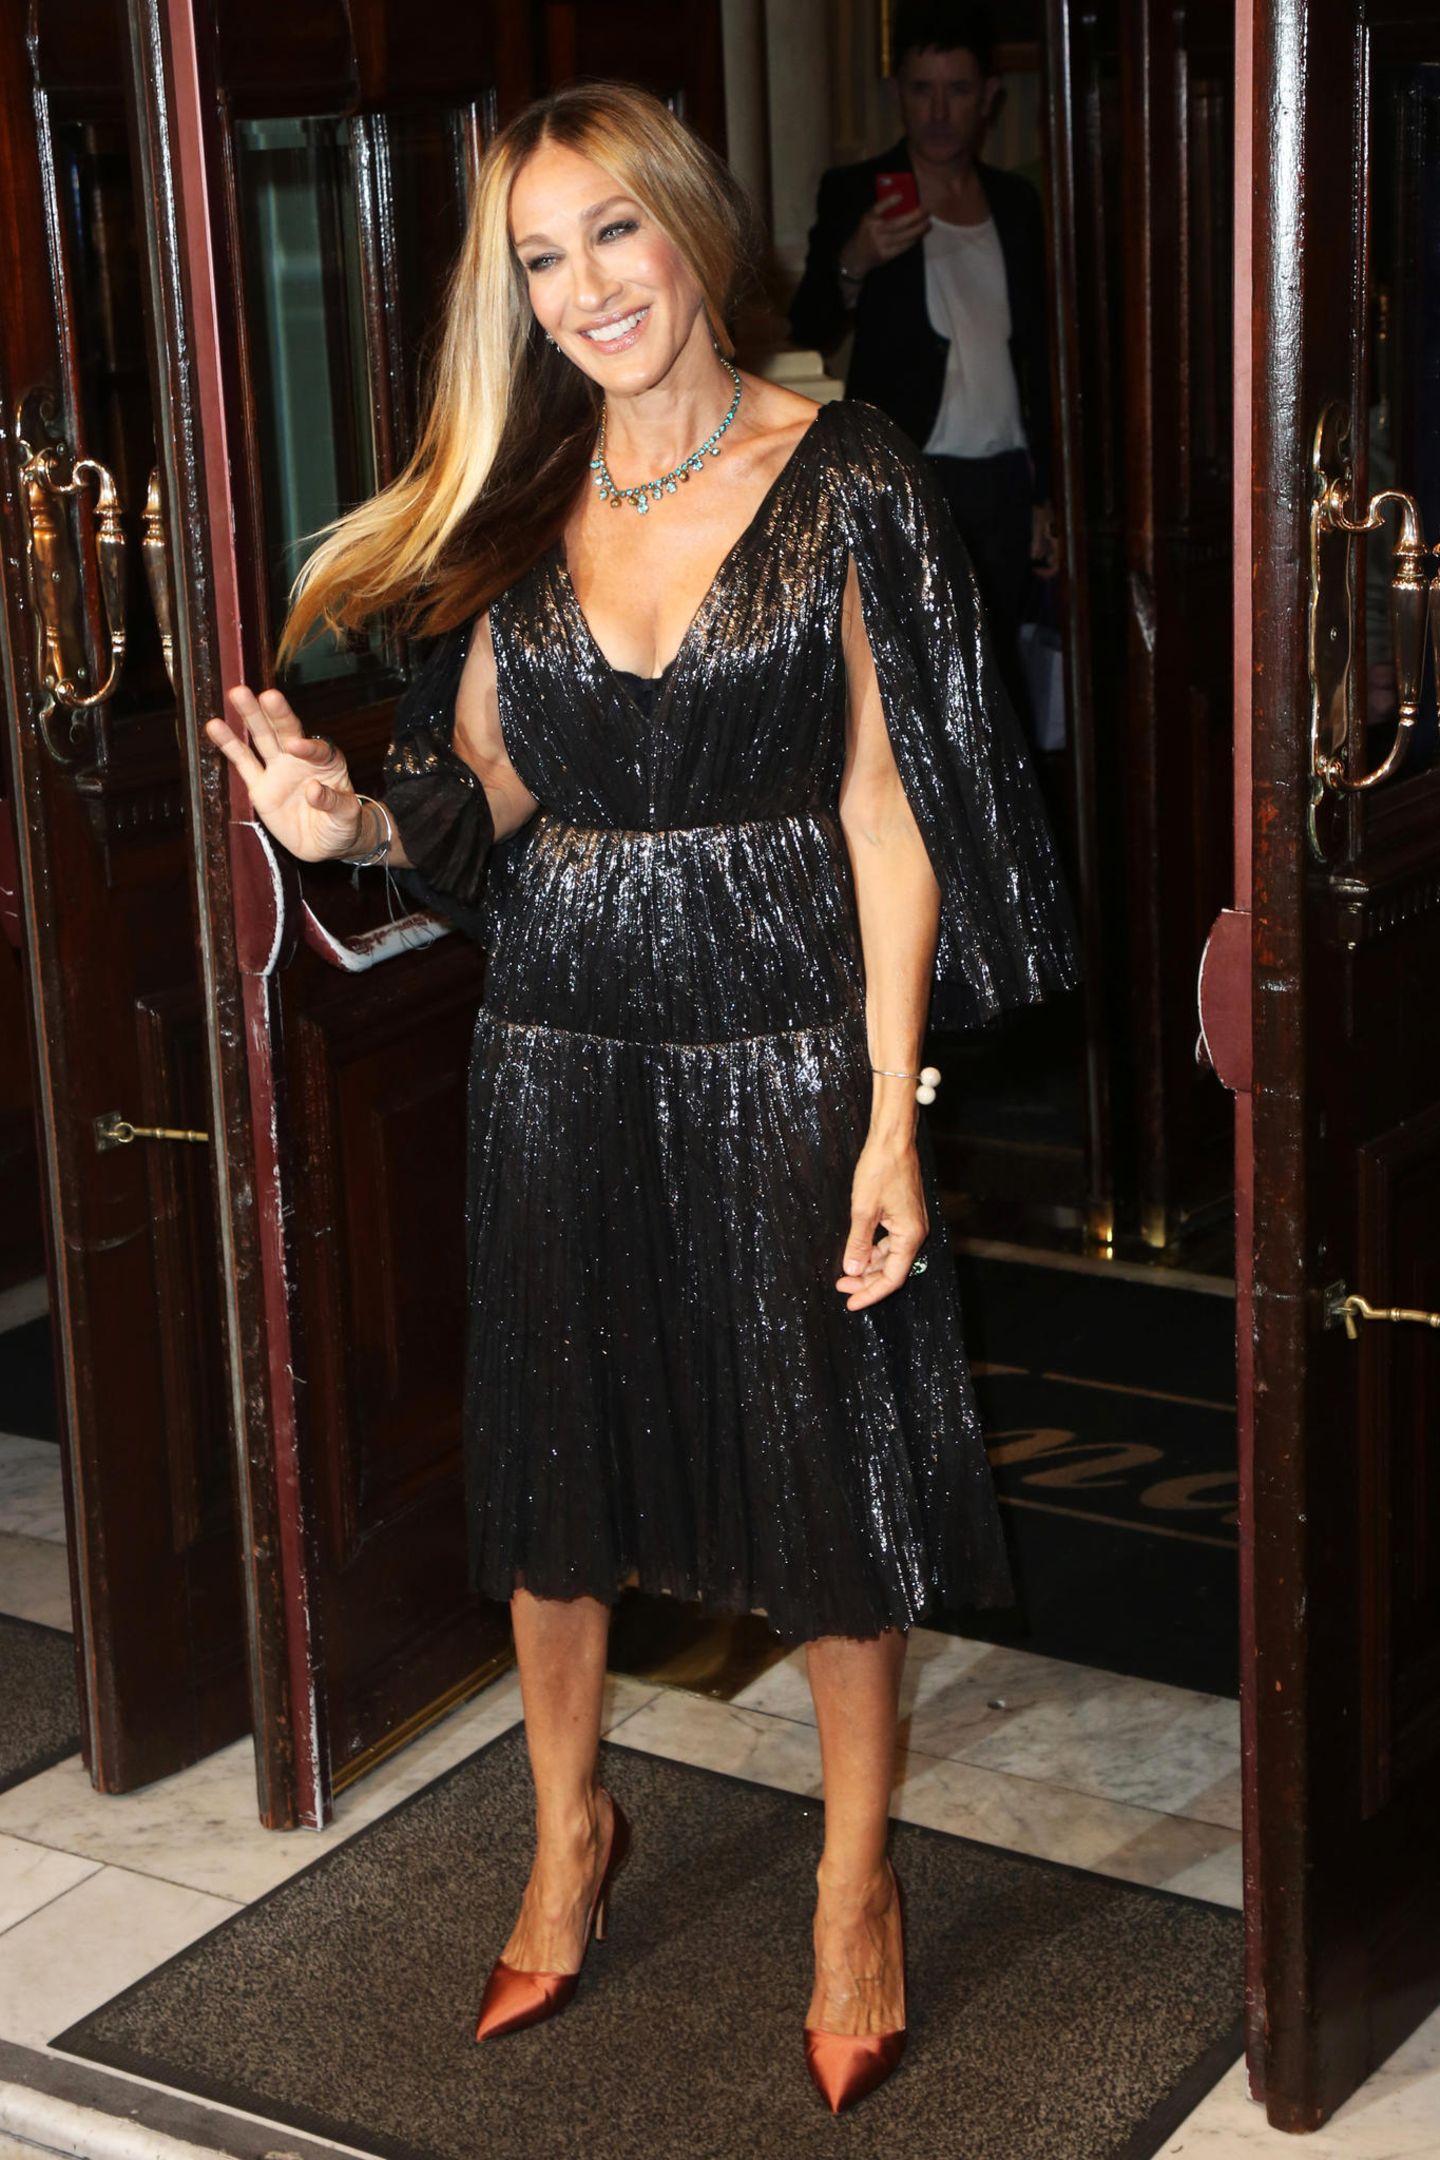 Sarah Jessica Parker präsentiertsich in London gewohnt stilsicher und beweist mit ihrem Look, wie stylisch Stil-Mix sein kann.